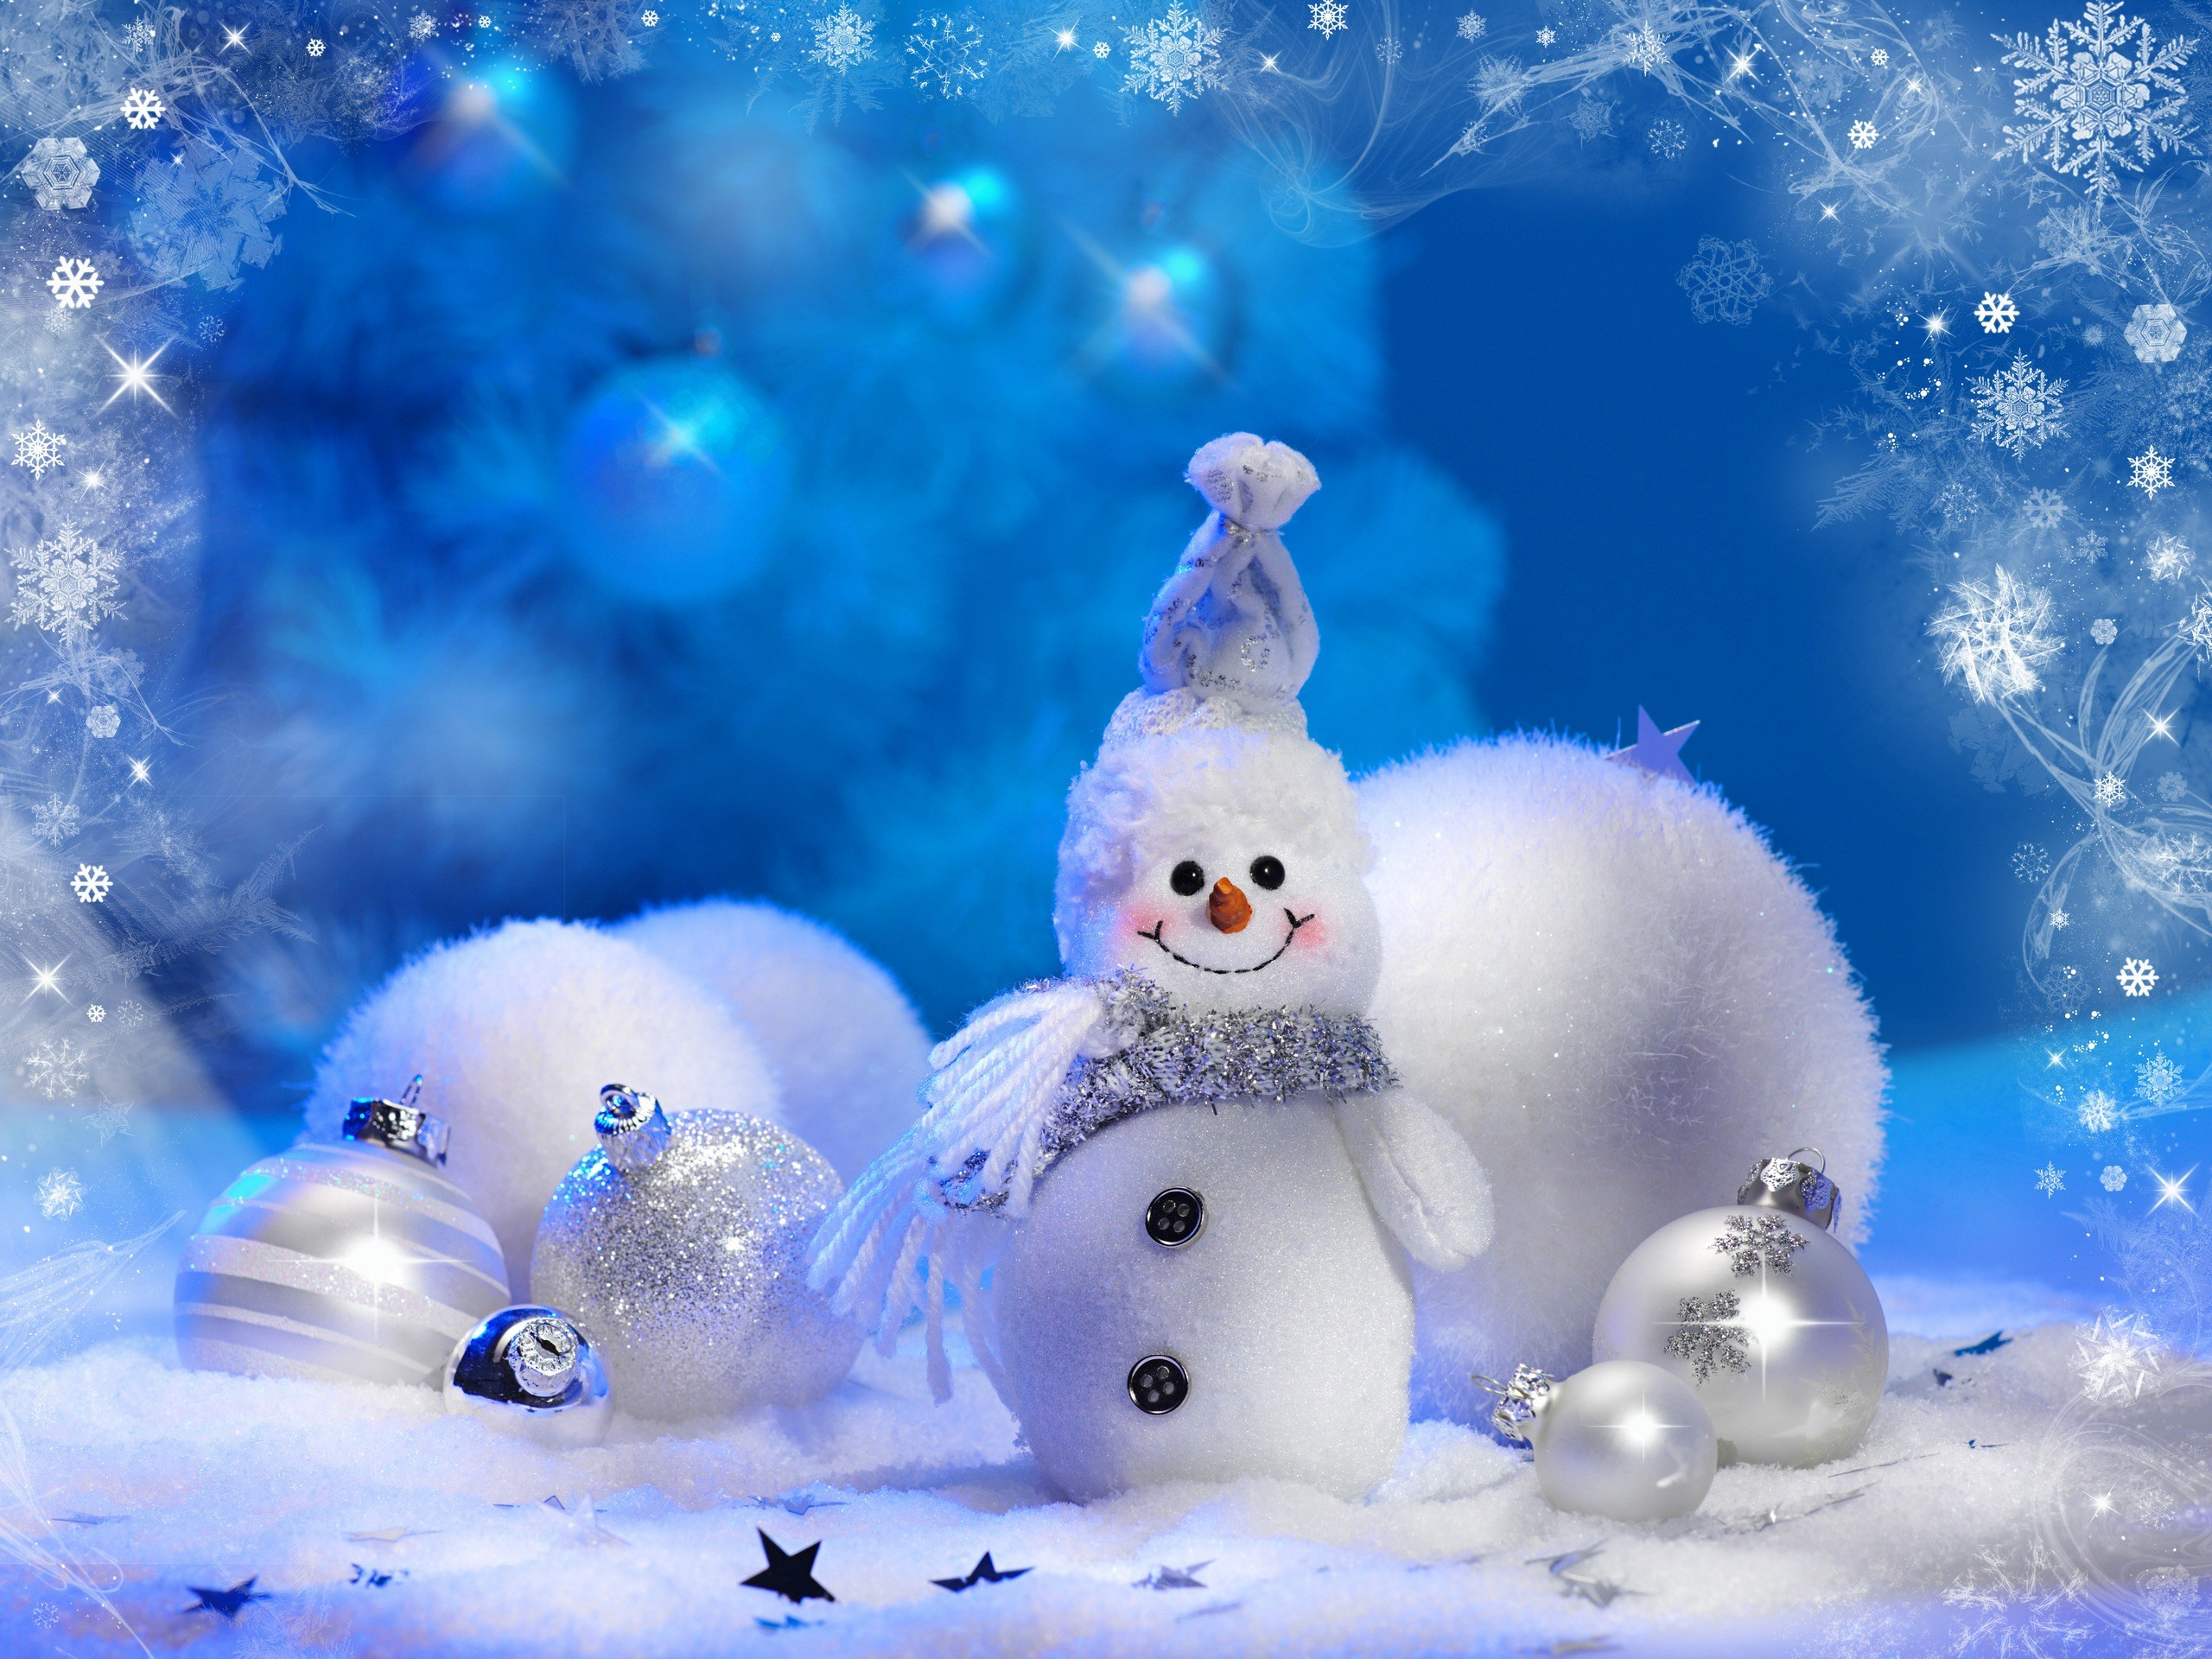 Fond Ecran Noel Gratuit